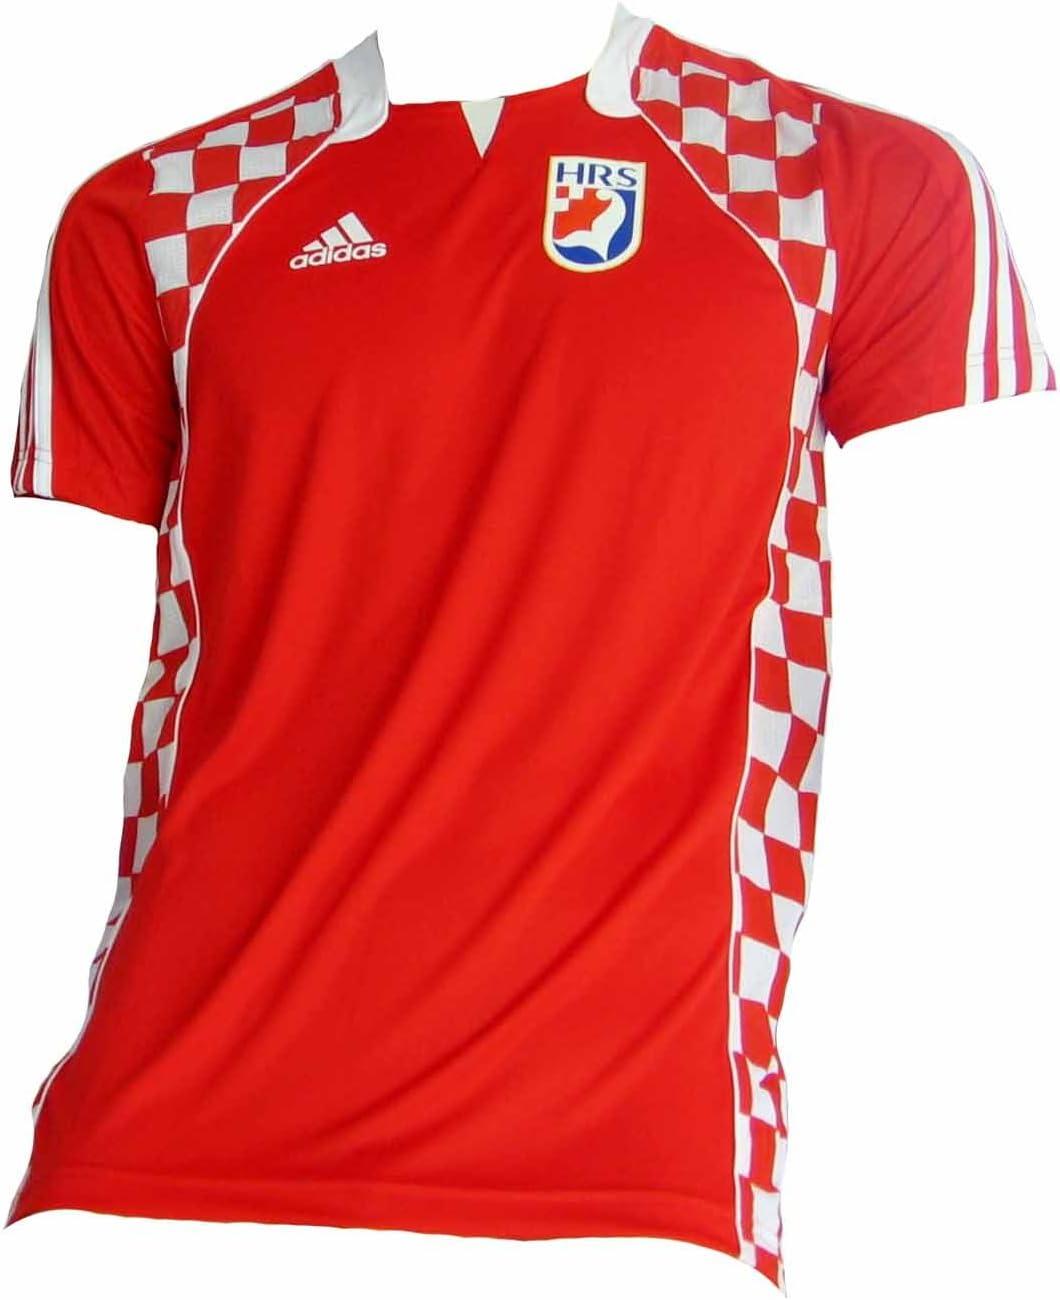 adidas - Camiseta de la selección nacional croata de balonmano rojo rojo Talla:small: Amazon.es: Deportes y aire libre